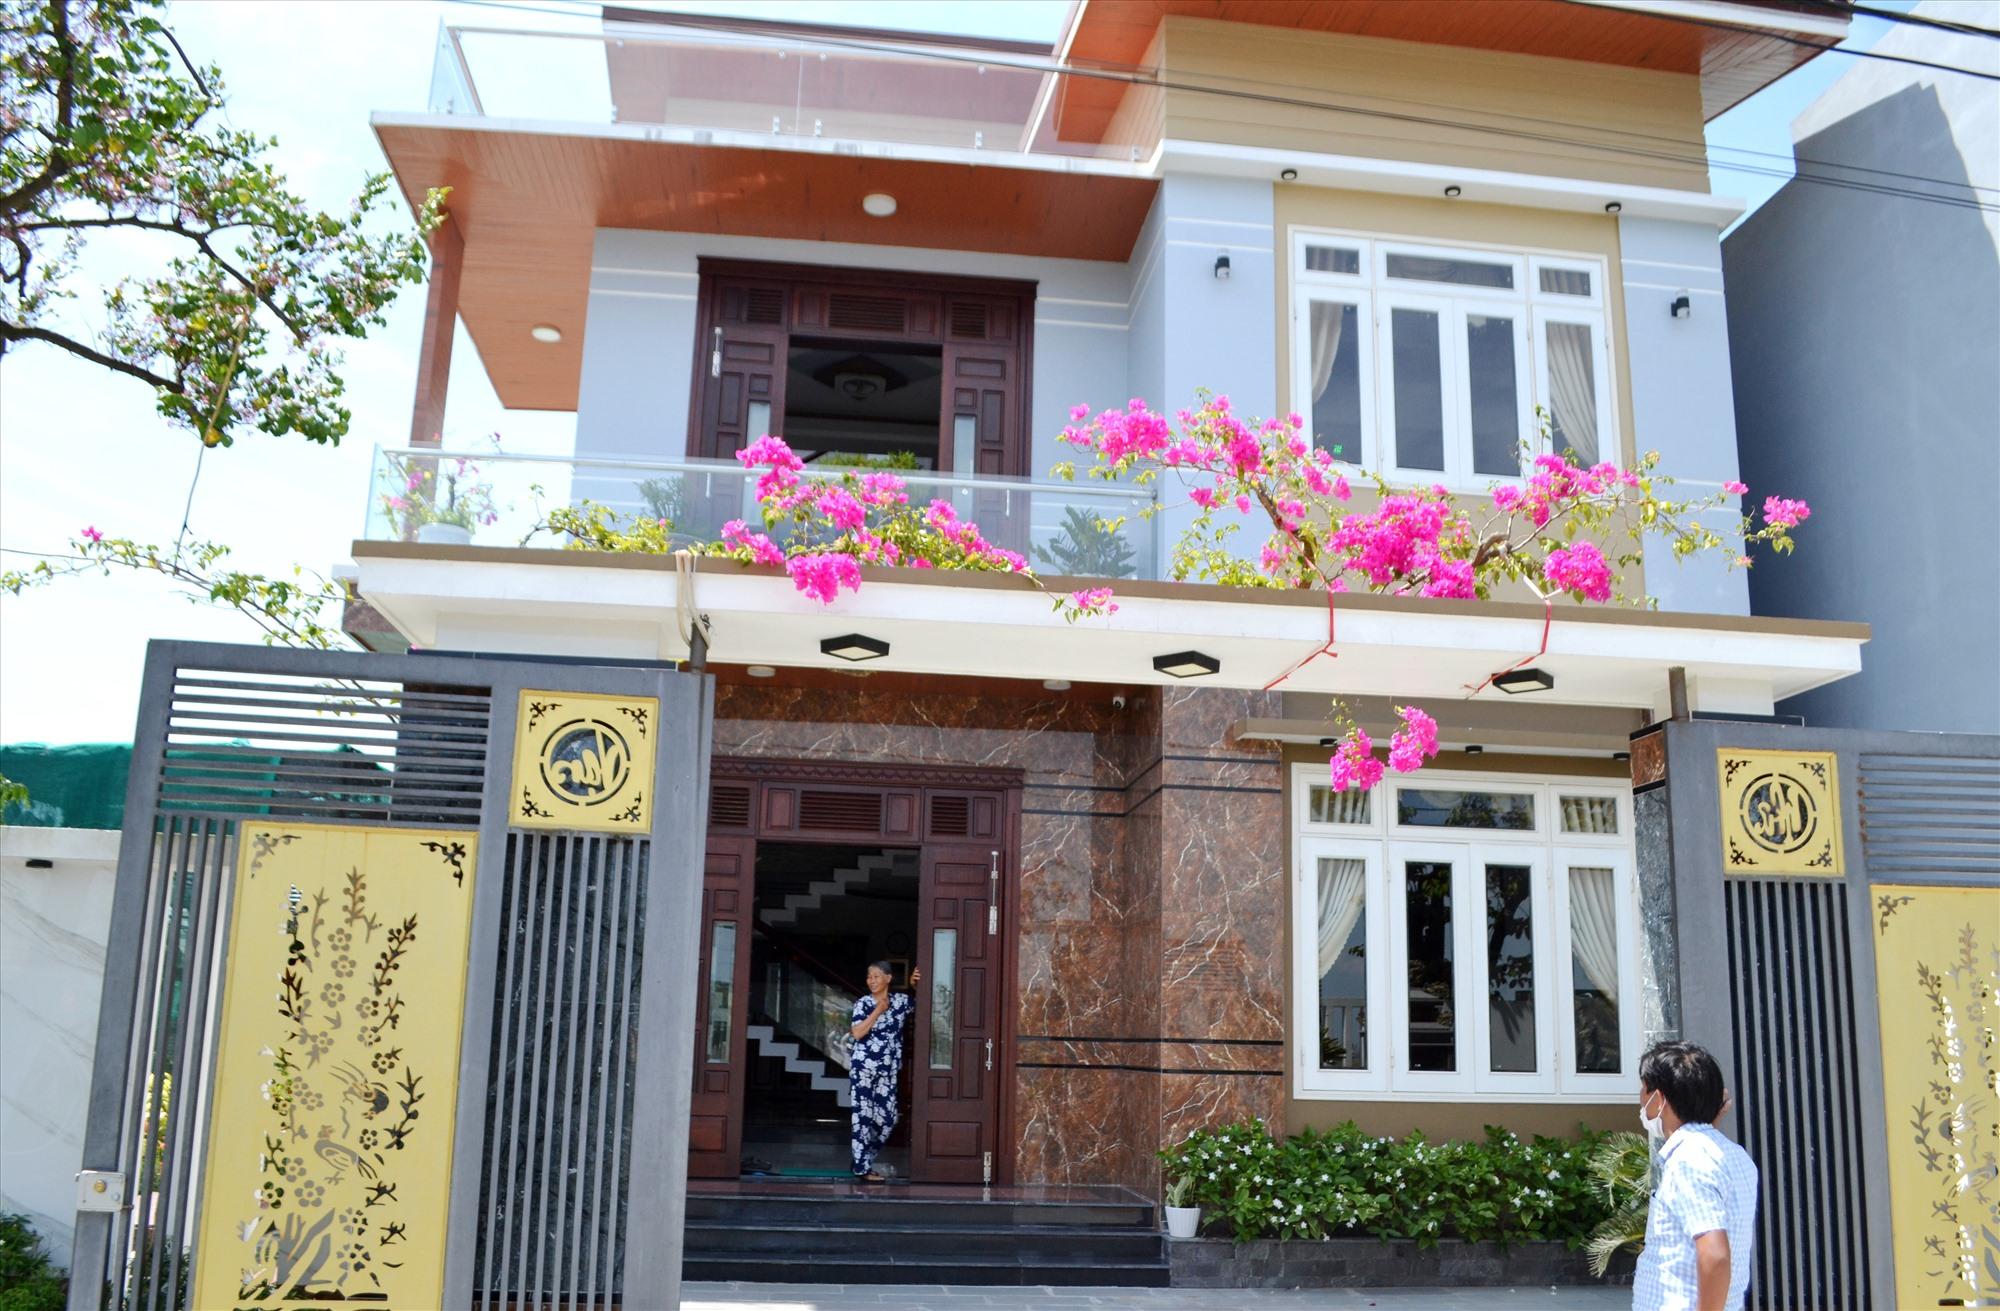 Bà Vui nay đã chuyển đến sinh sống trong căn nhà mà gia đình xây dựng tại mảnh đất được Nhà nước bố trí trong khu tái định cư Bình Đào. Ảnh: CT